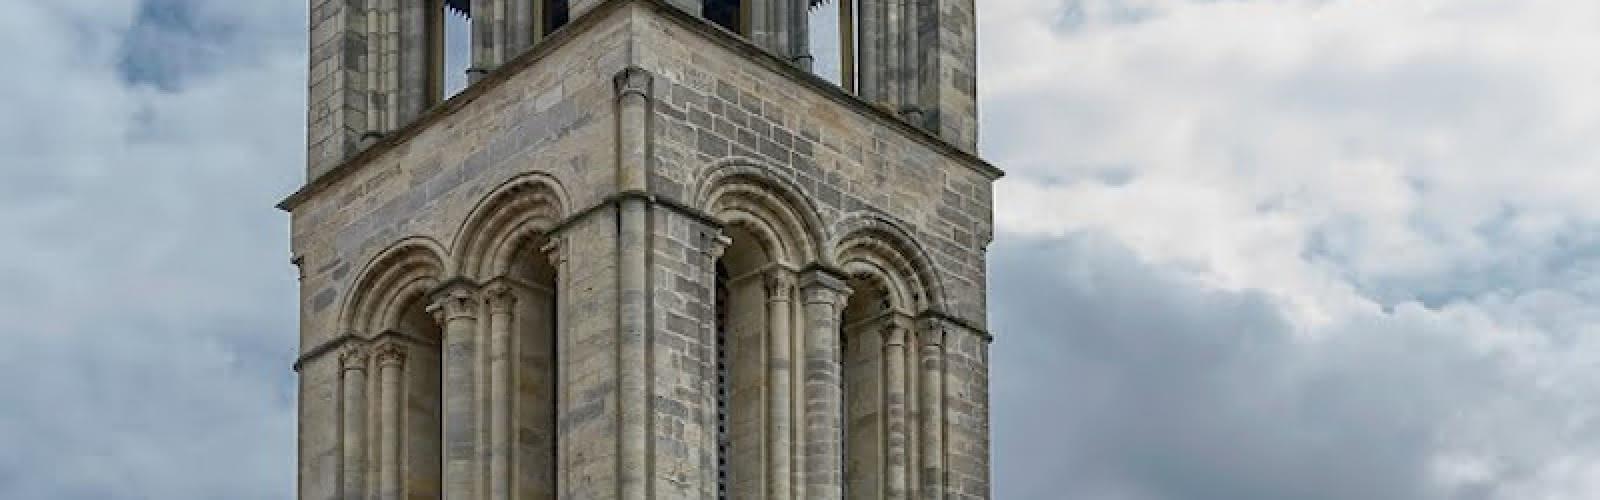 Eglise Saint-Rieul de Louvres